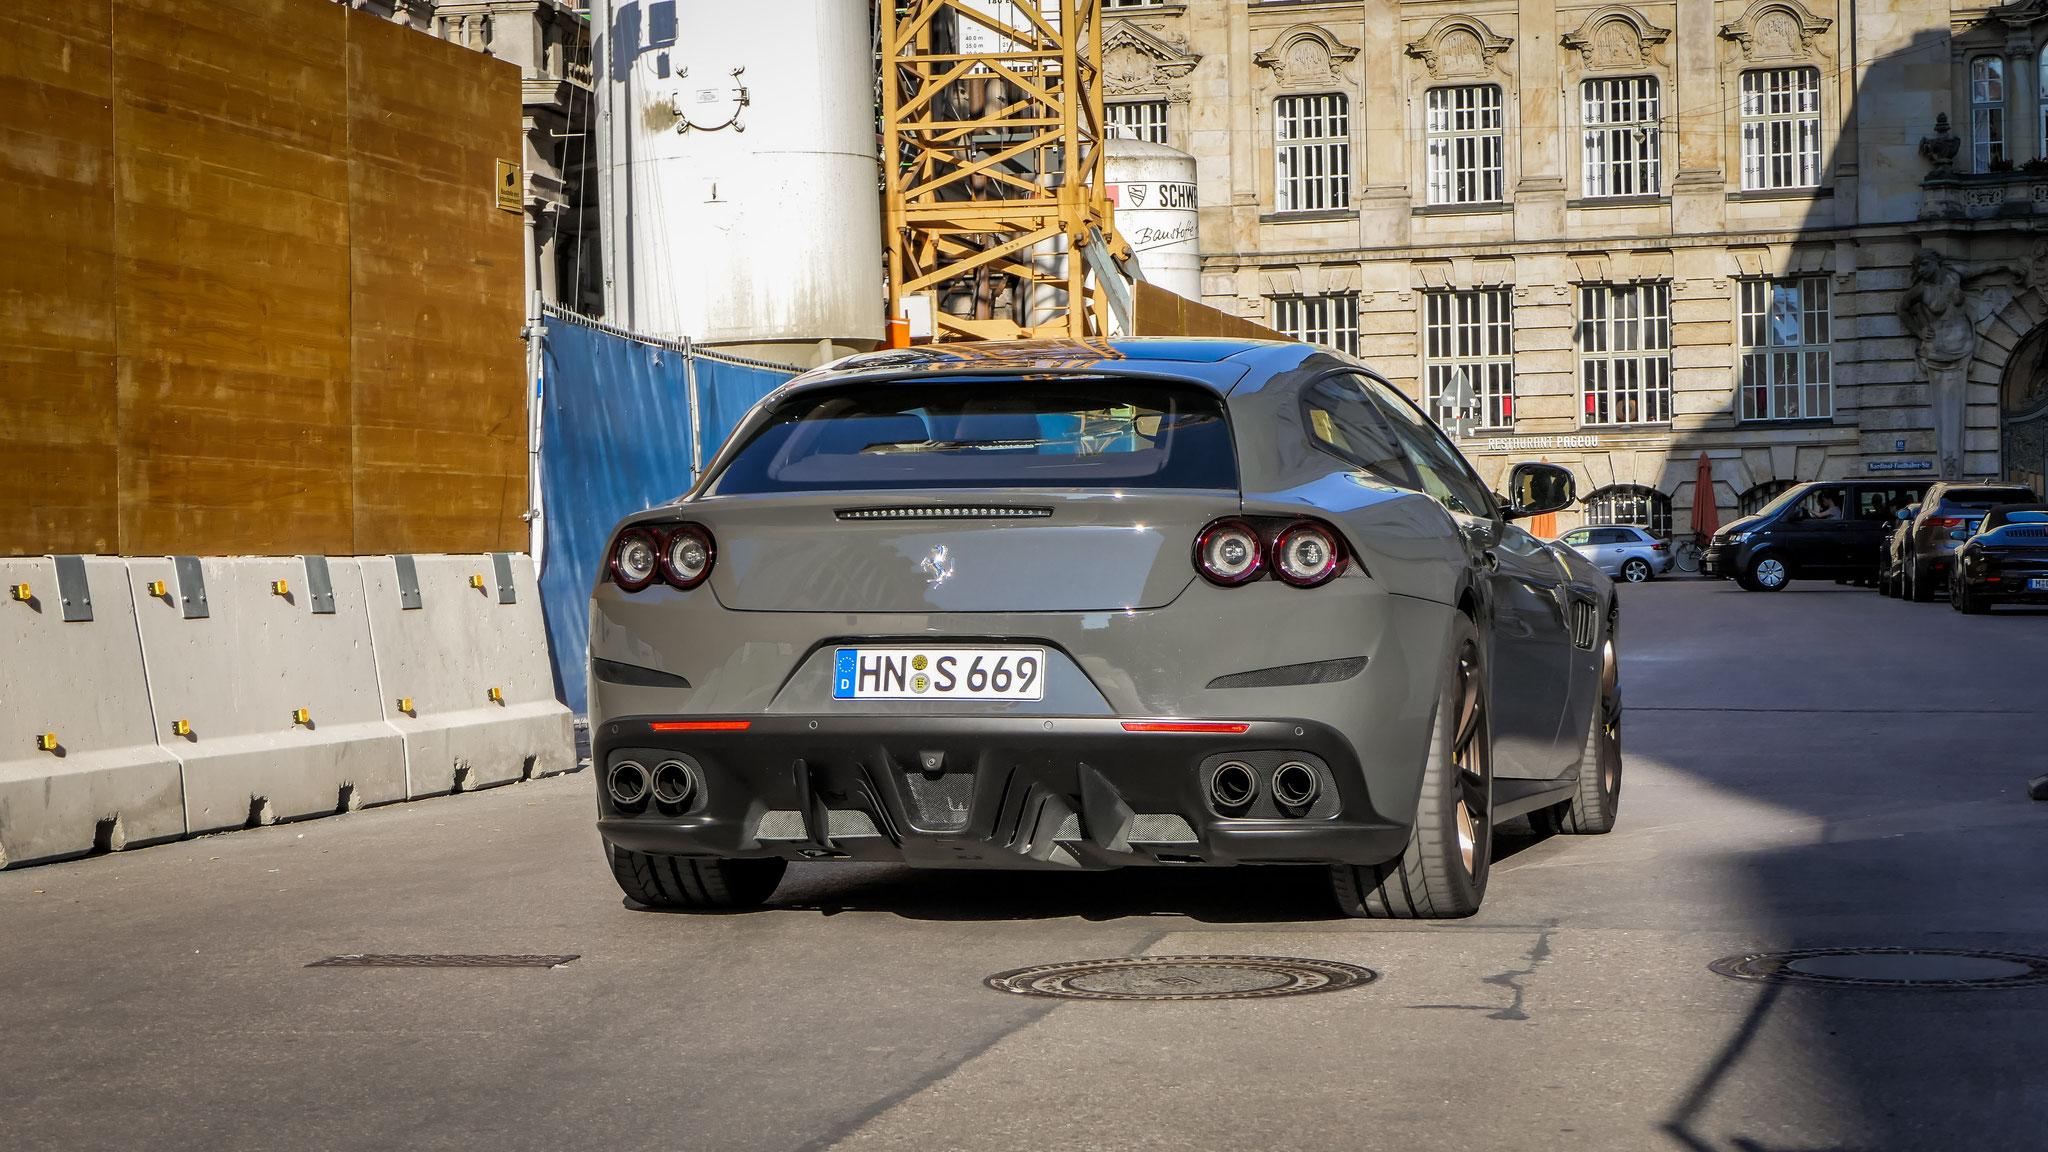 Ferrari GTC4 Lusso - HN-S-669